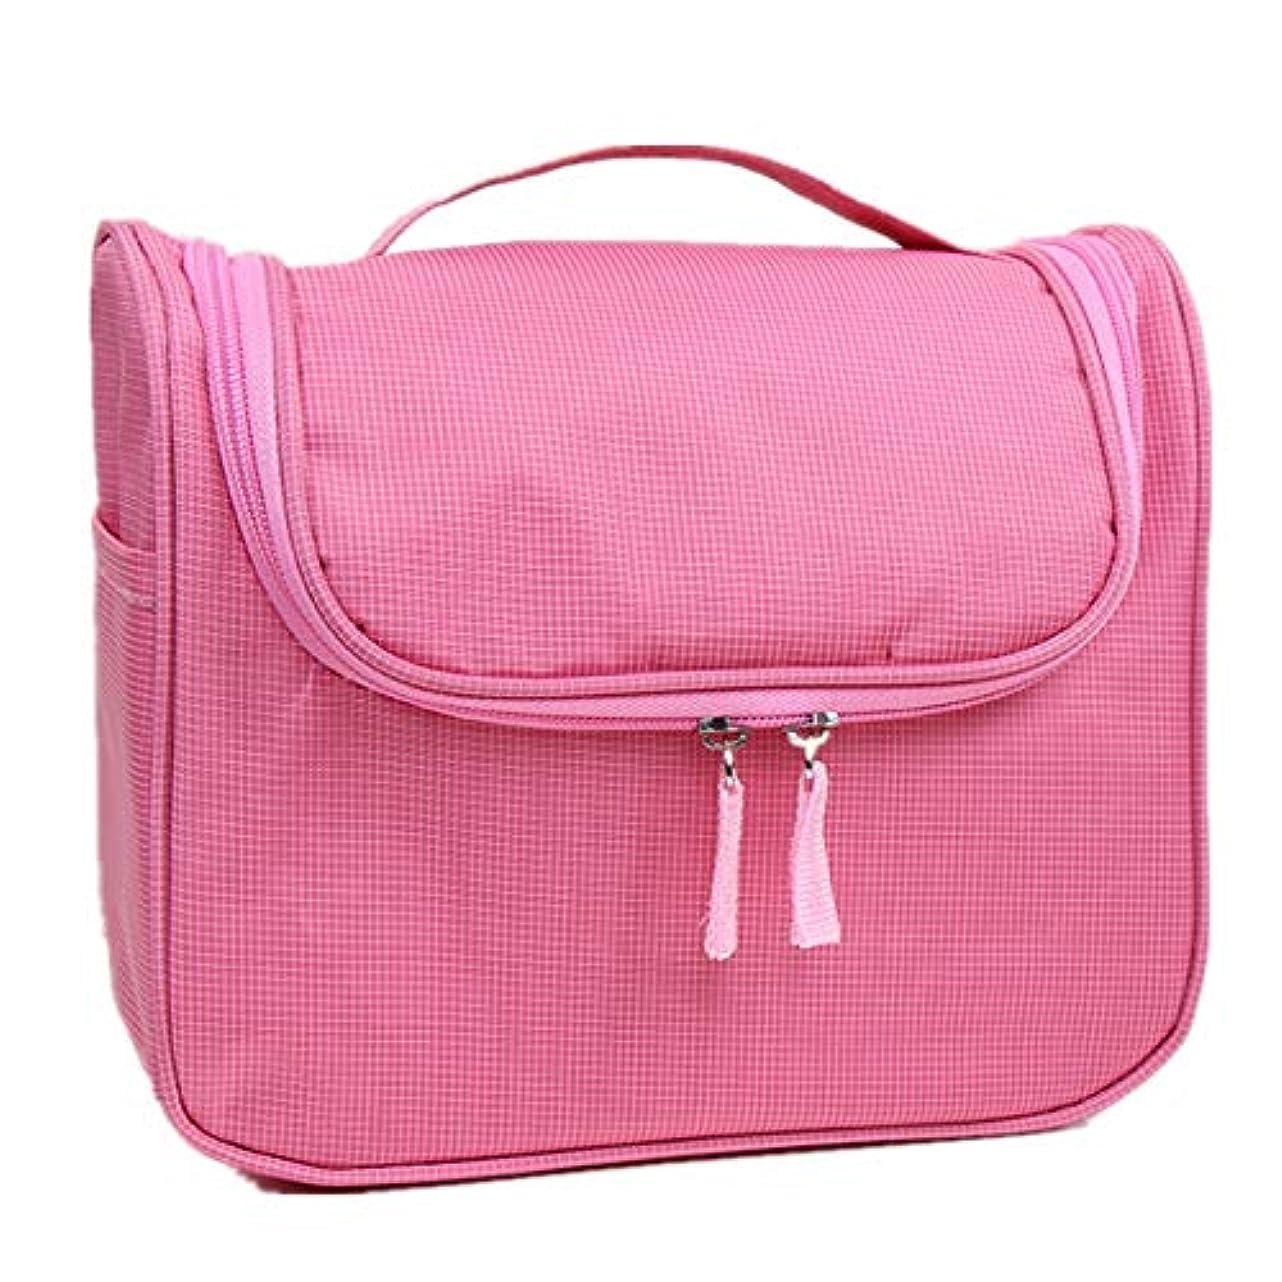 反論者奪う初心者化粧オーガナイザーバッグ 大容量の旅行化粧品バッグ丈夫で耐久性のある洗濯可能な化粧品保管コンセントレーションバッグウォッシュバッグ 化粧品ケース (色 : ピンク)